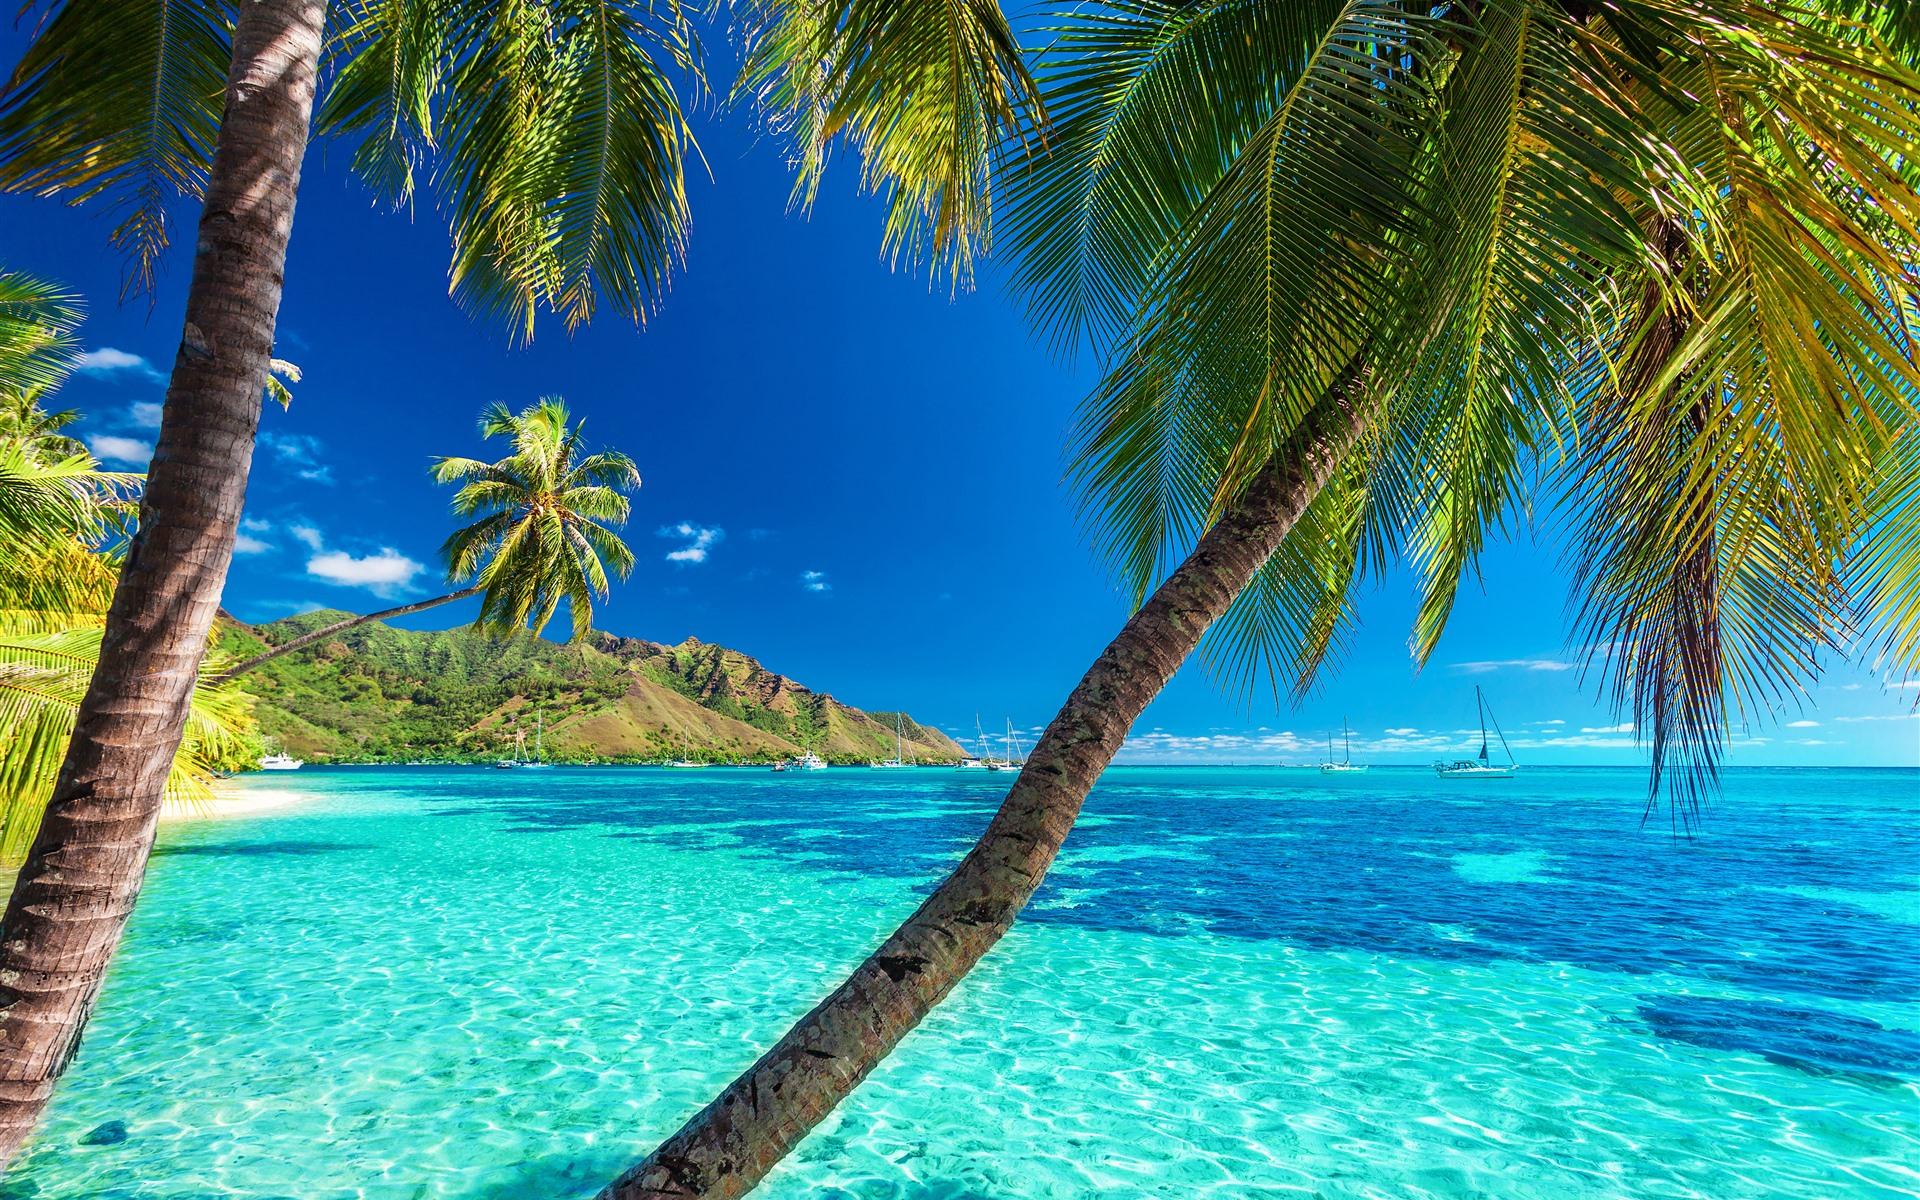 базе картинка на сотку пальмы море голые